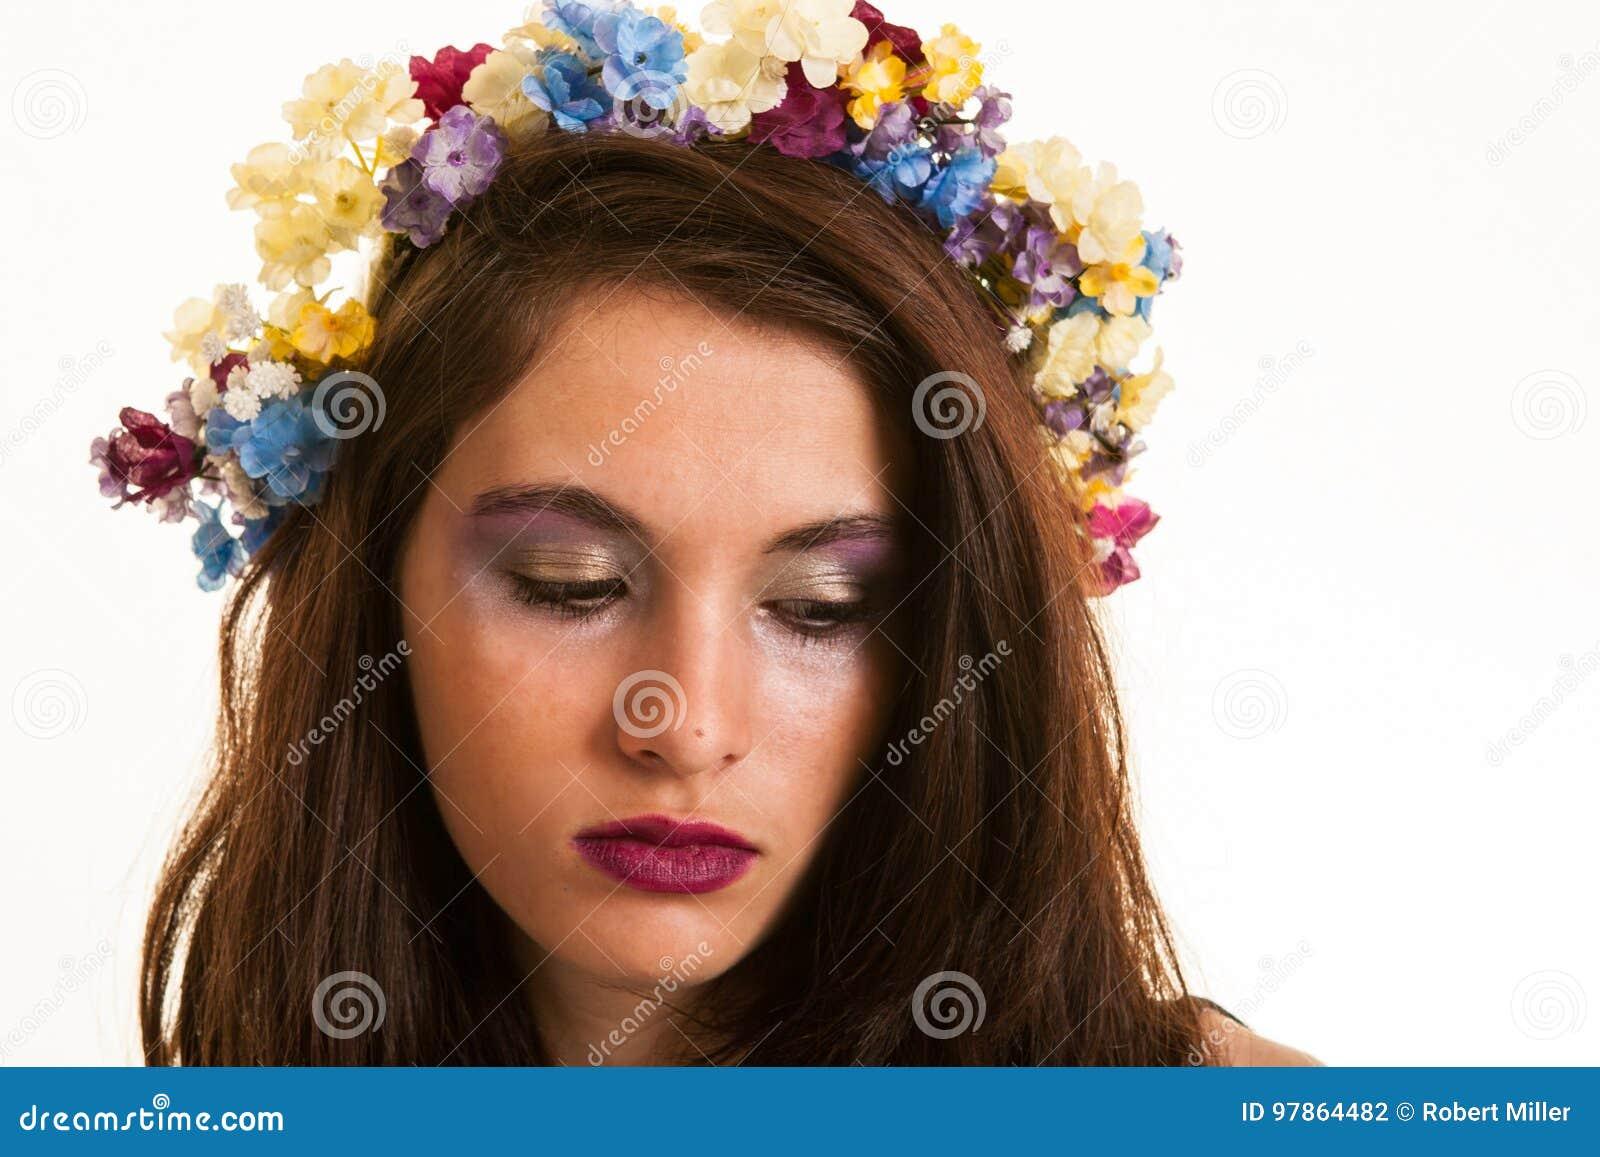 Capelli colorati con ombretti